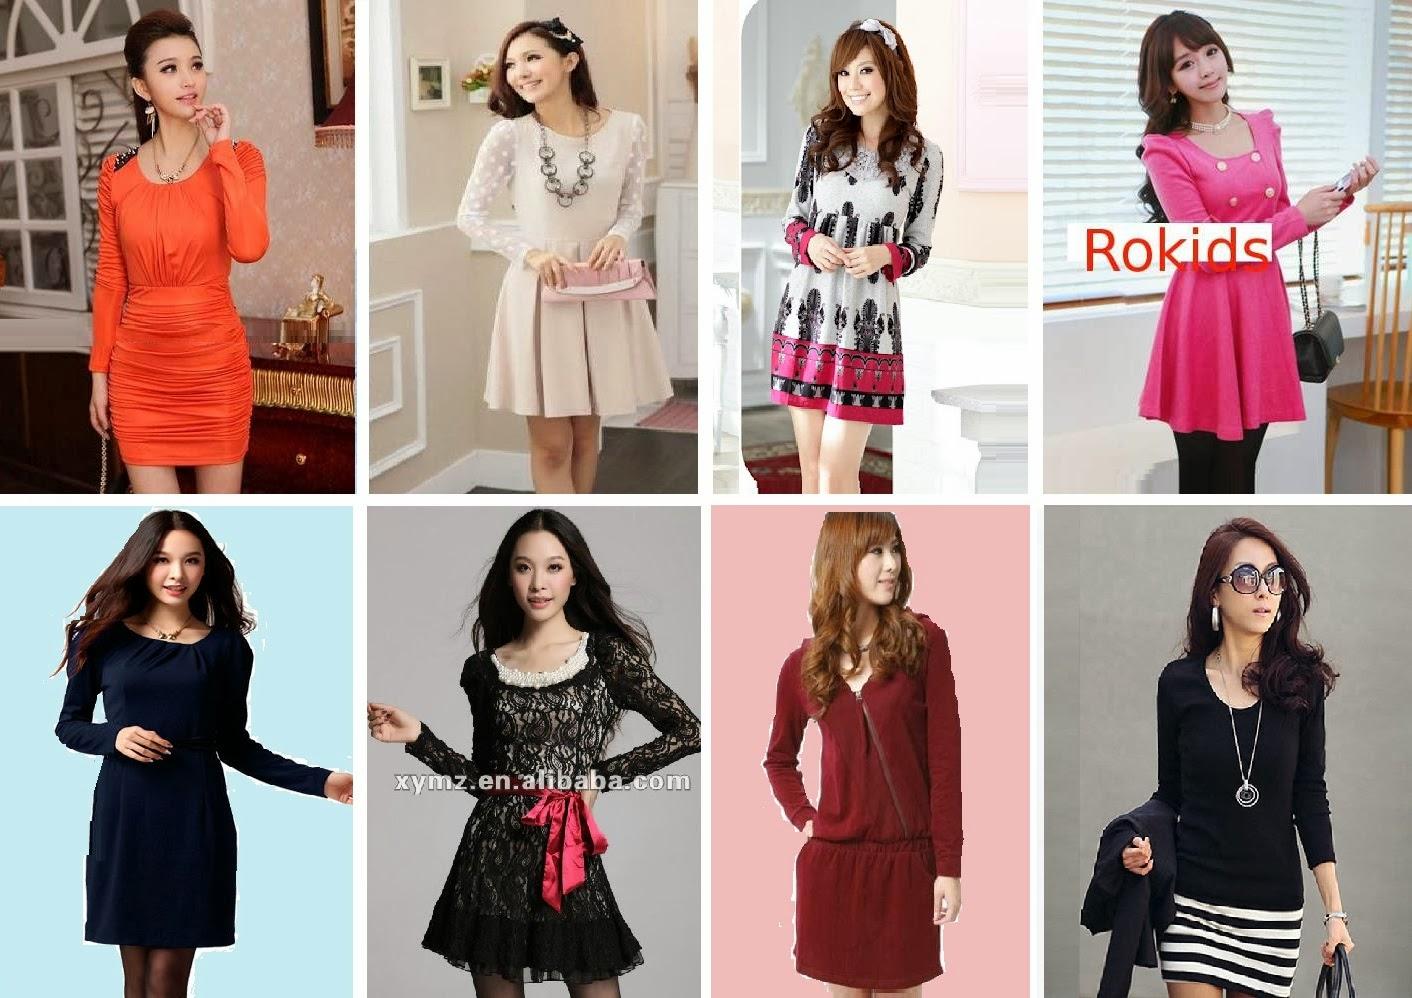 vestidos-meia-estacao-2014-9 Inspiração Outono inverno Usando Vestidos